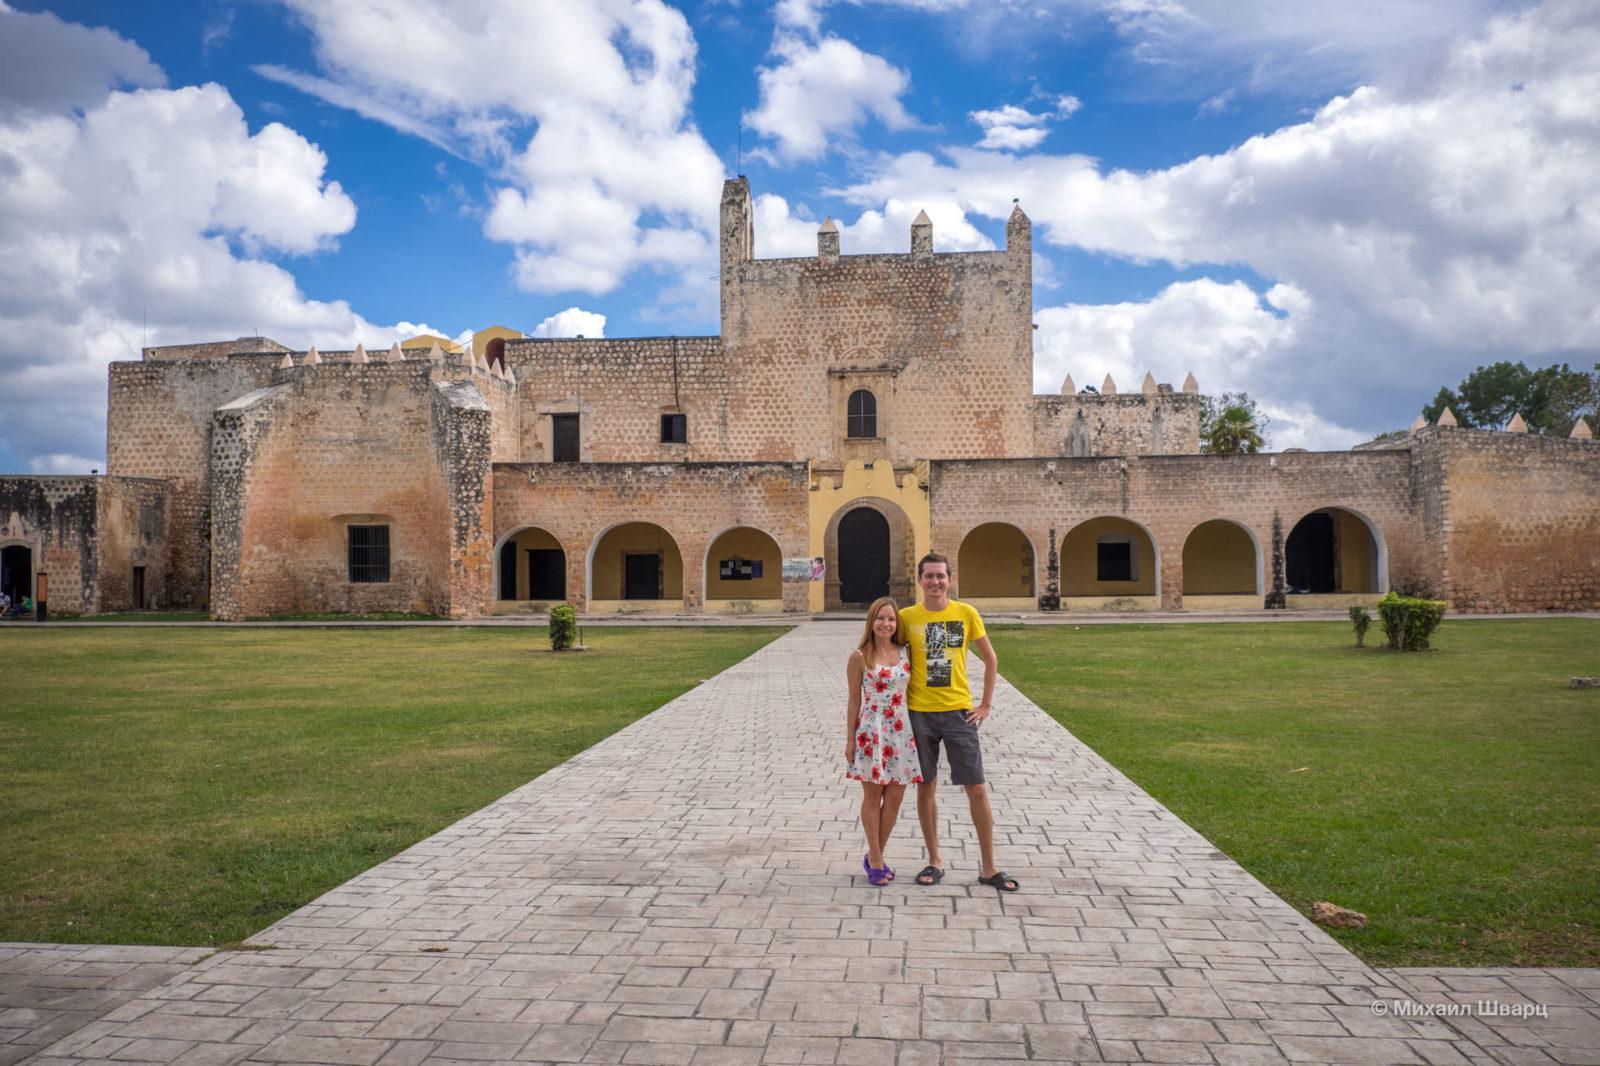 Монастырь Сисаль (Convento de Sisal)